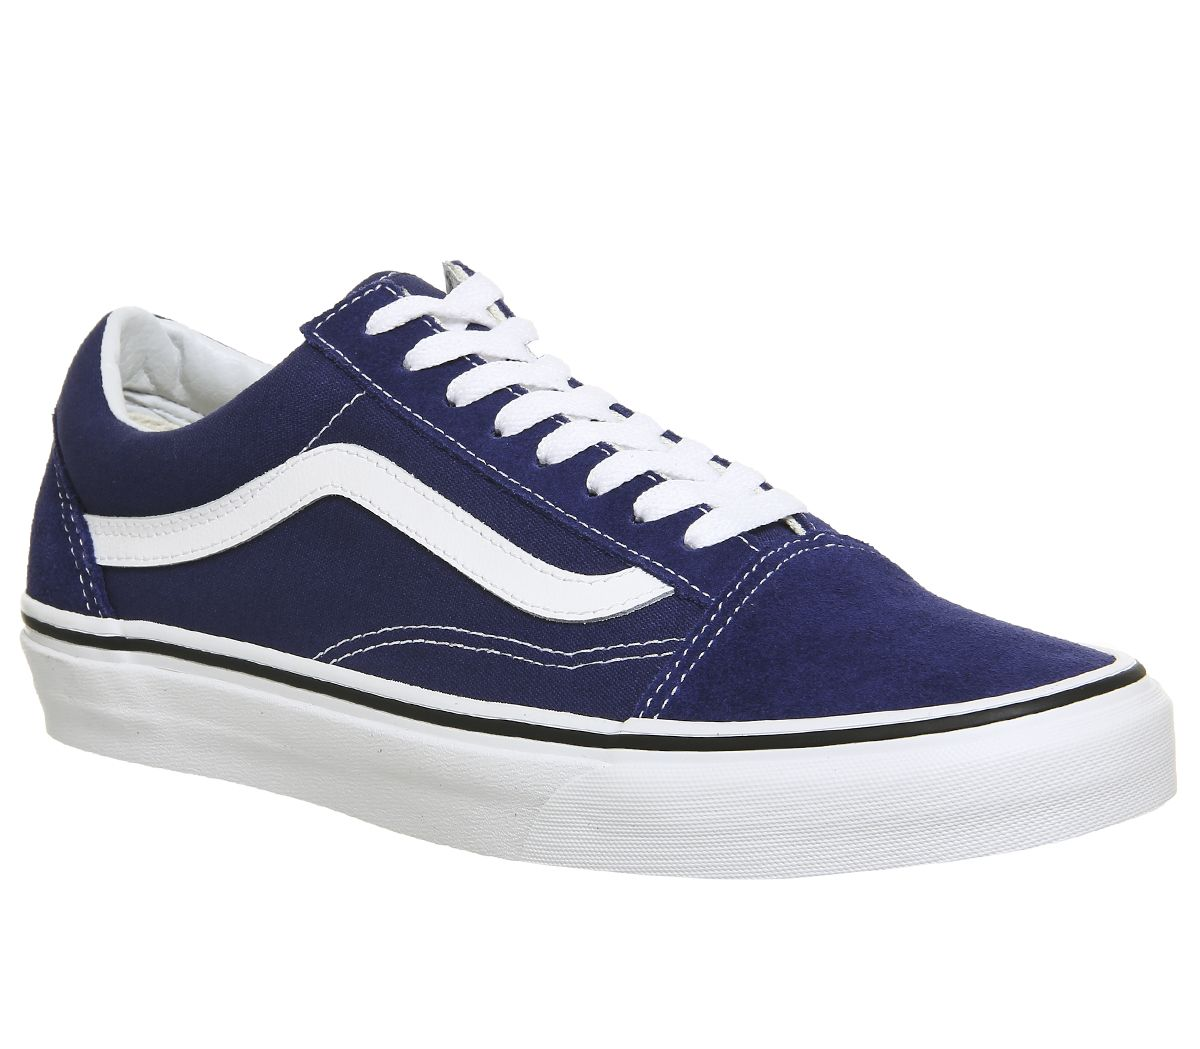 107633af24 Vans Old Skool Trainers Estate Blue True White - Unisex Sports